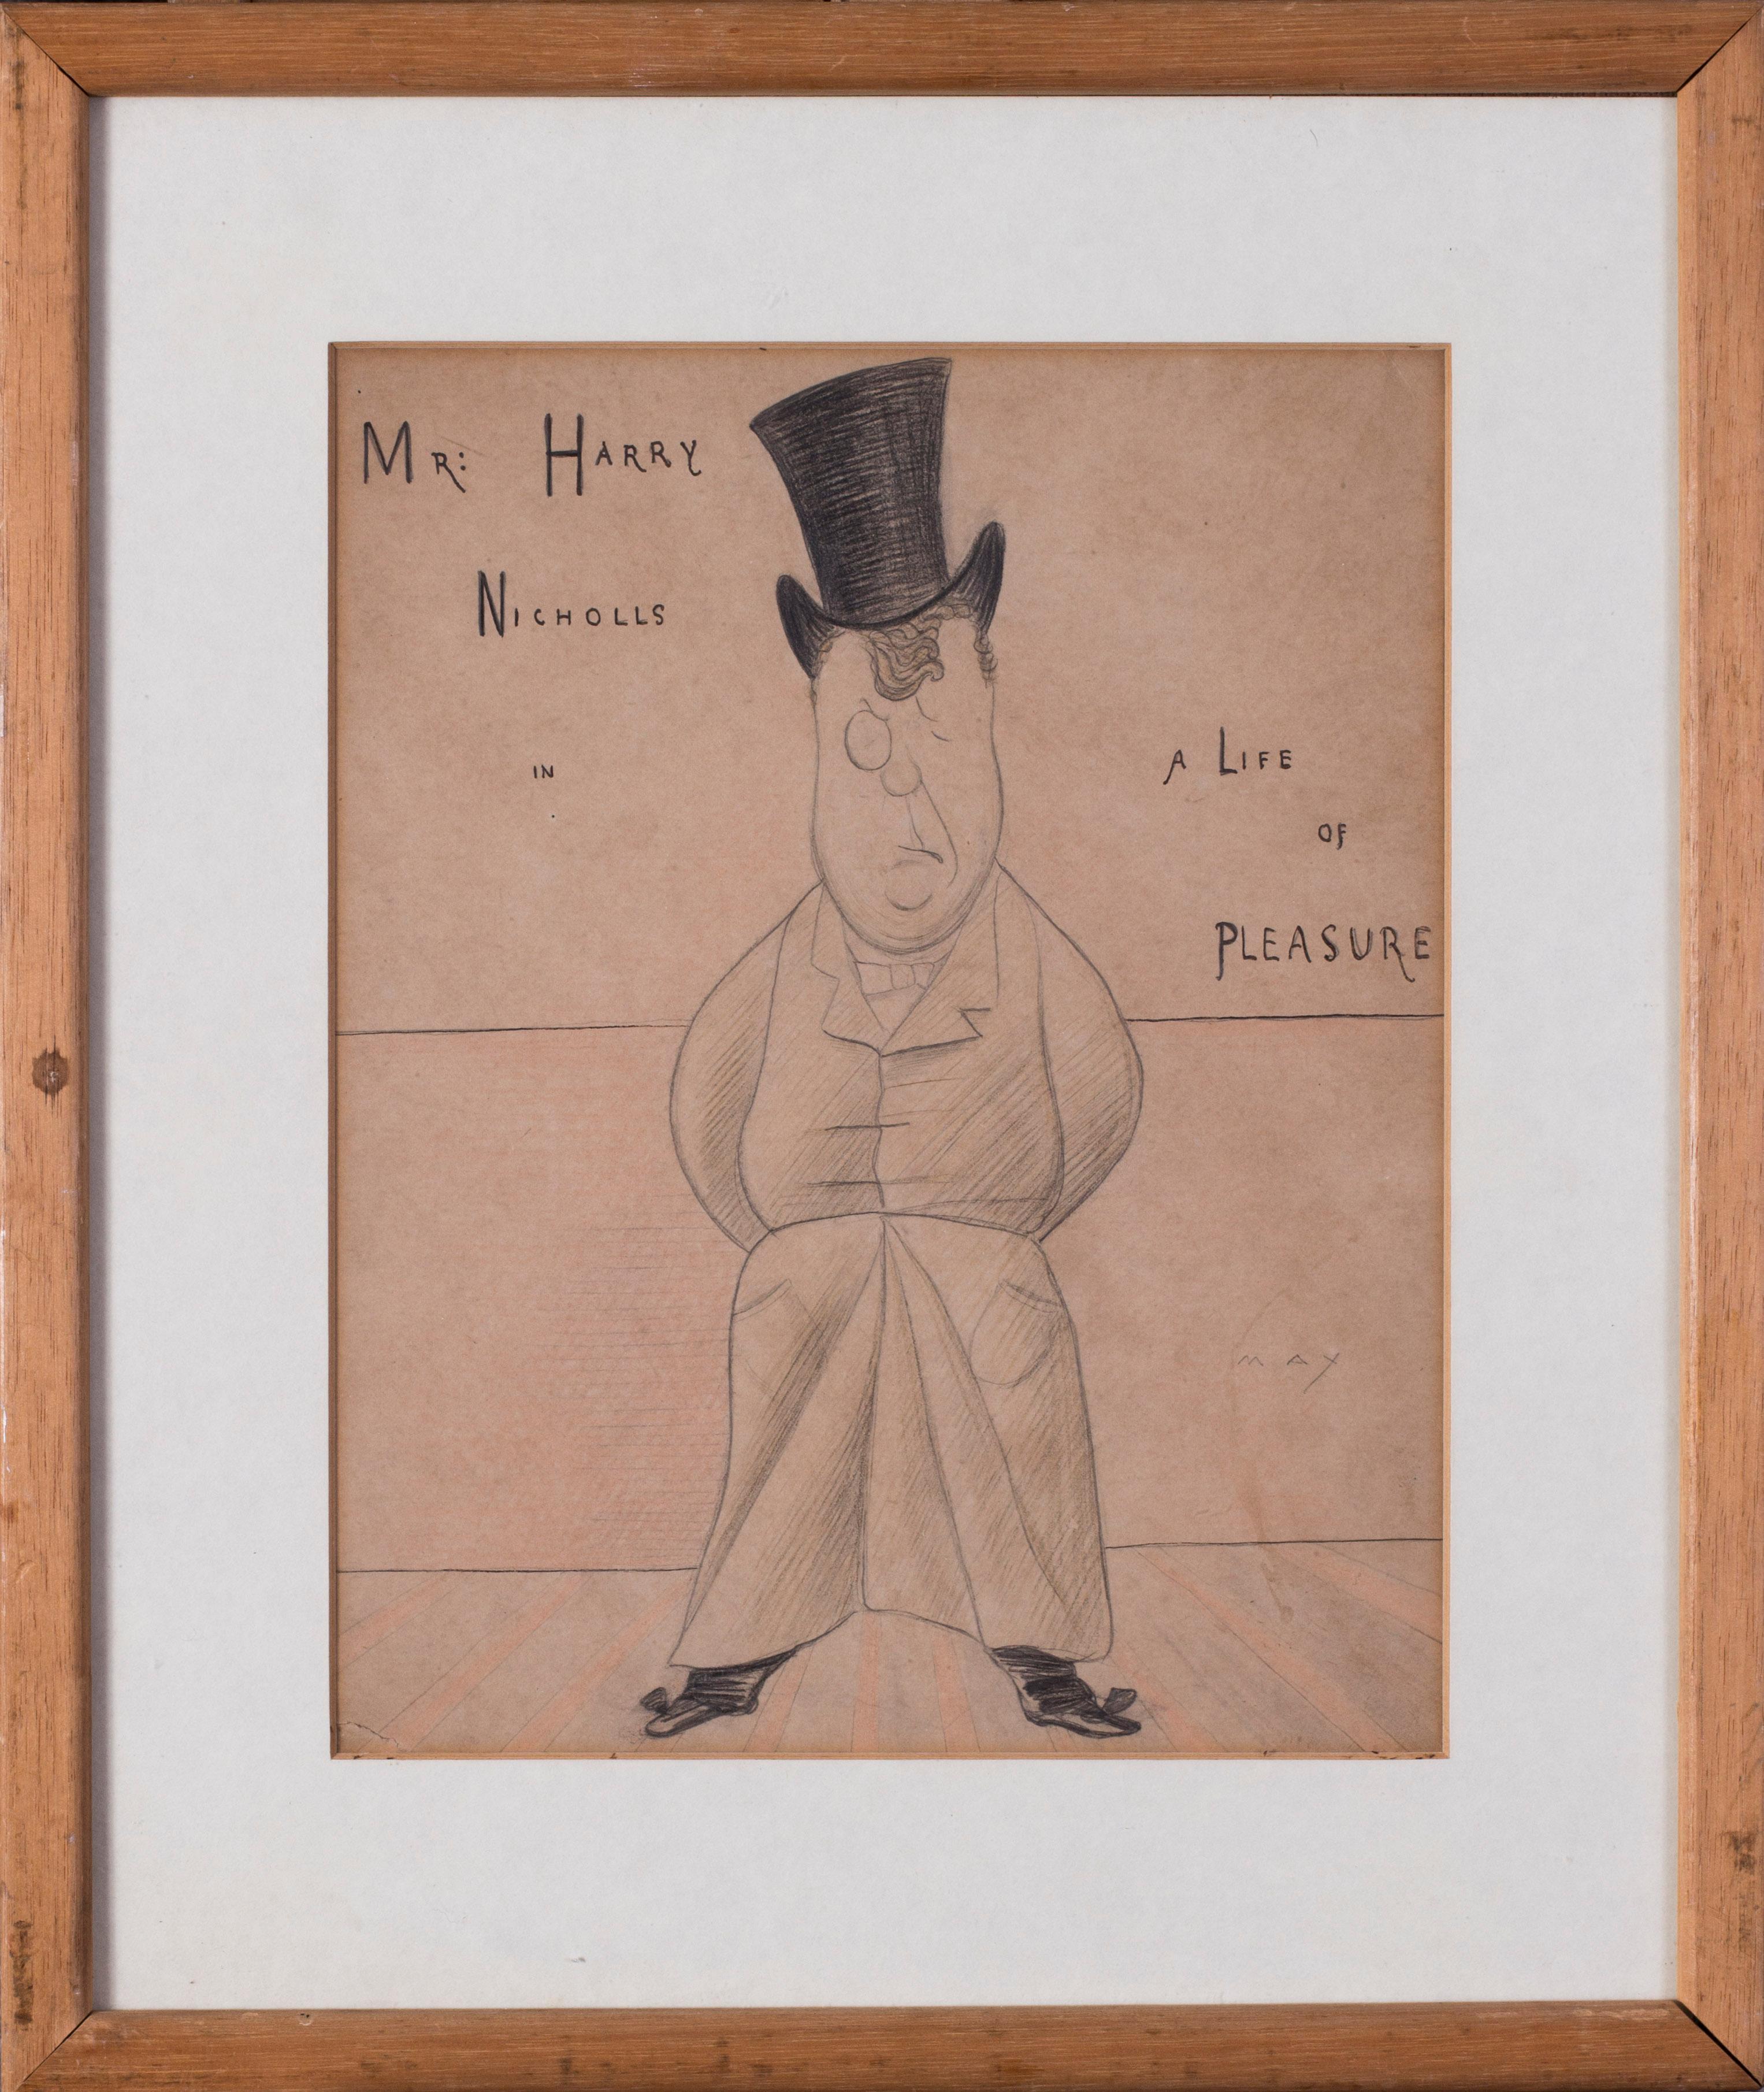 Max Beerbohm, 19th Century British caricature of Mr Harry Nichols